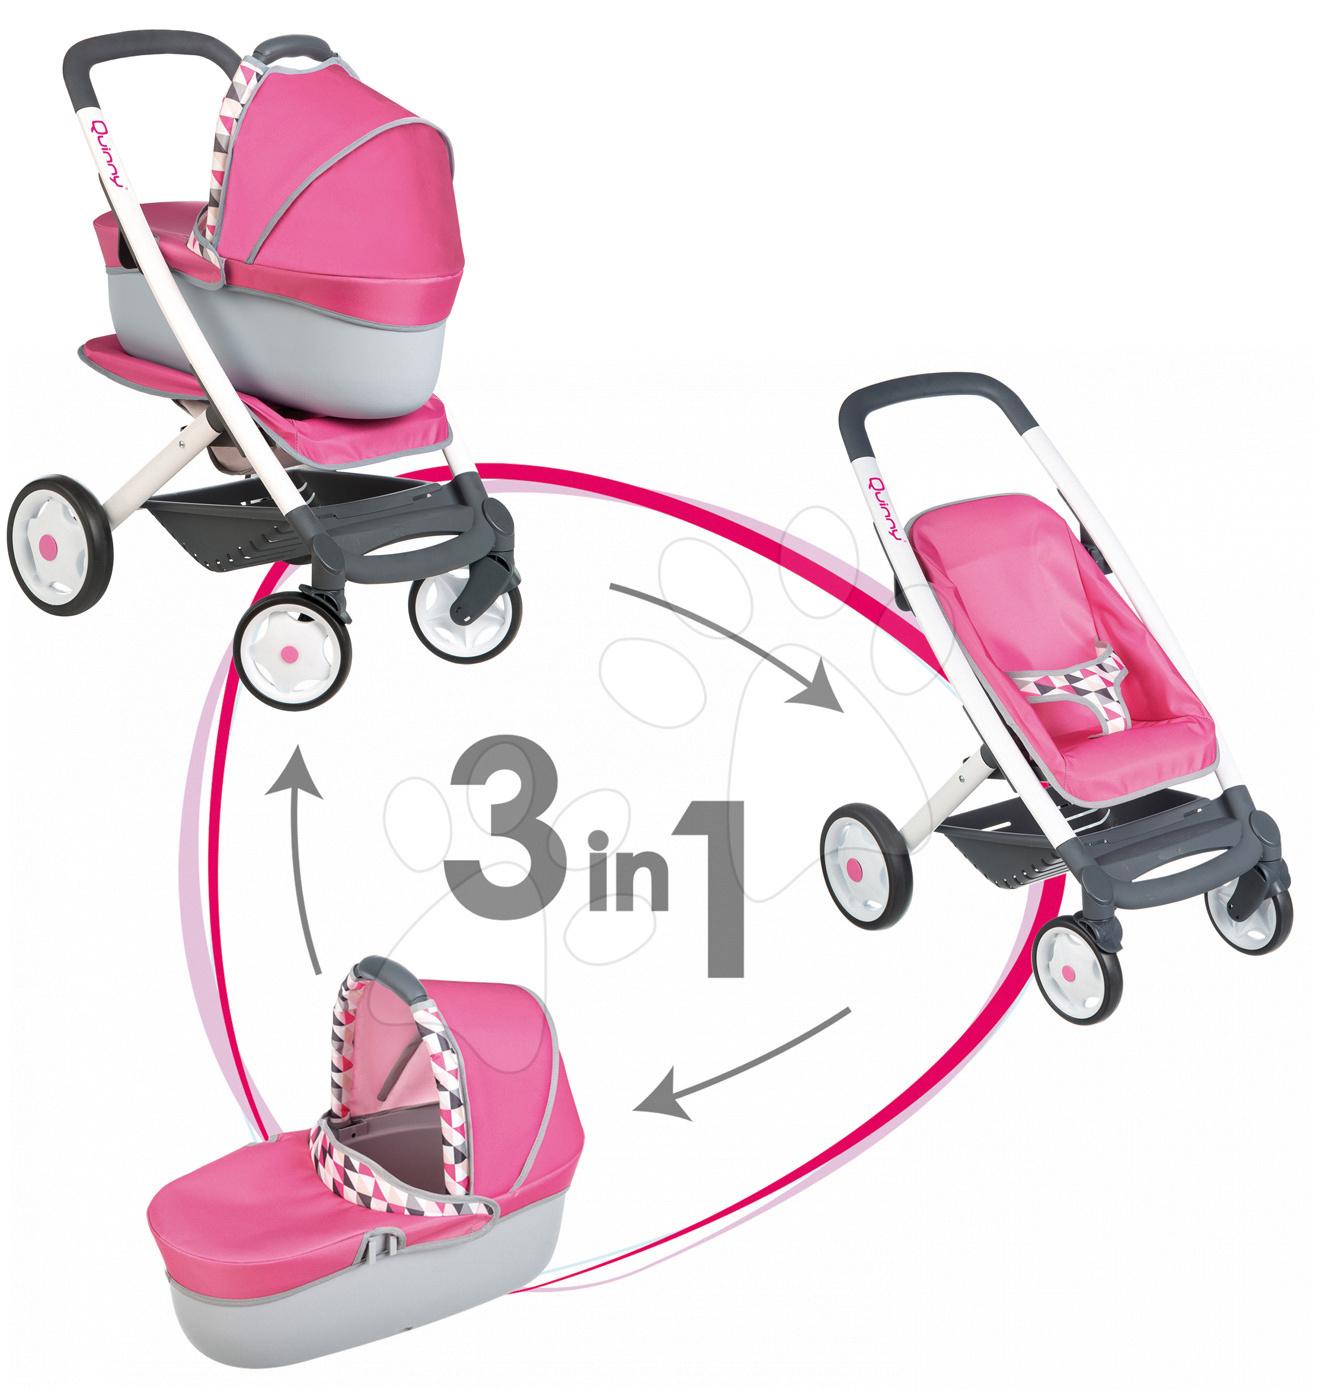 Babakocsi játékbabának 3in1 retro Maxi Cosi&Quinny Smoby mózeskosárral (65,5 cm tolókar) rózsaszín